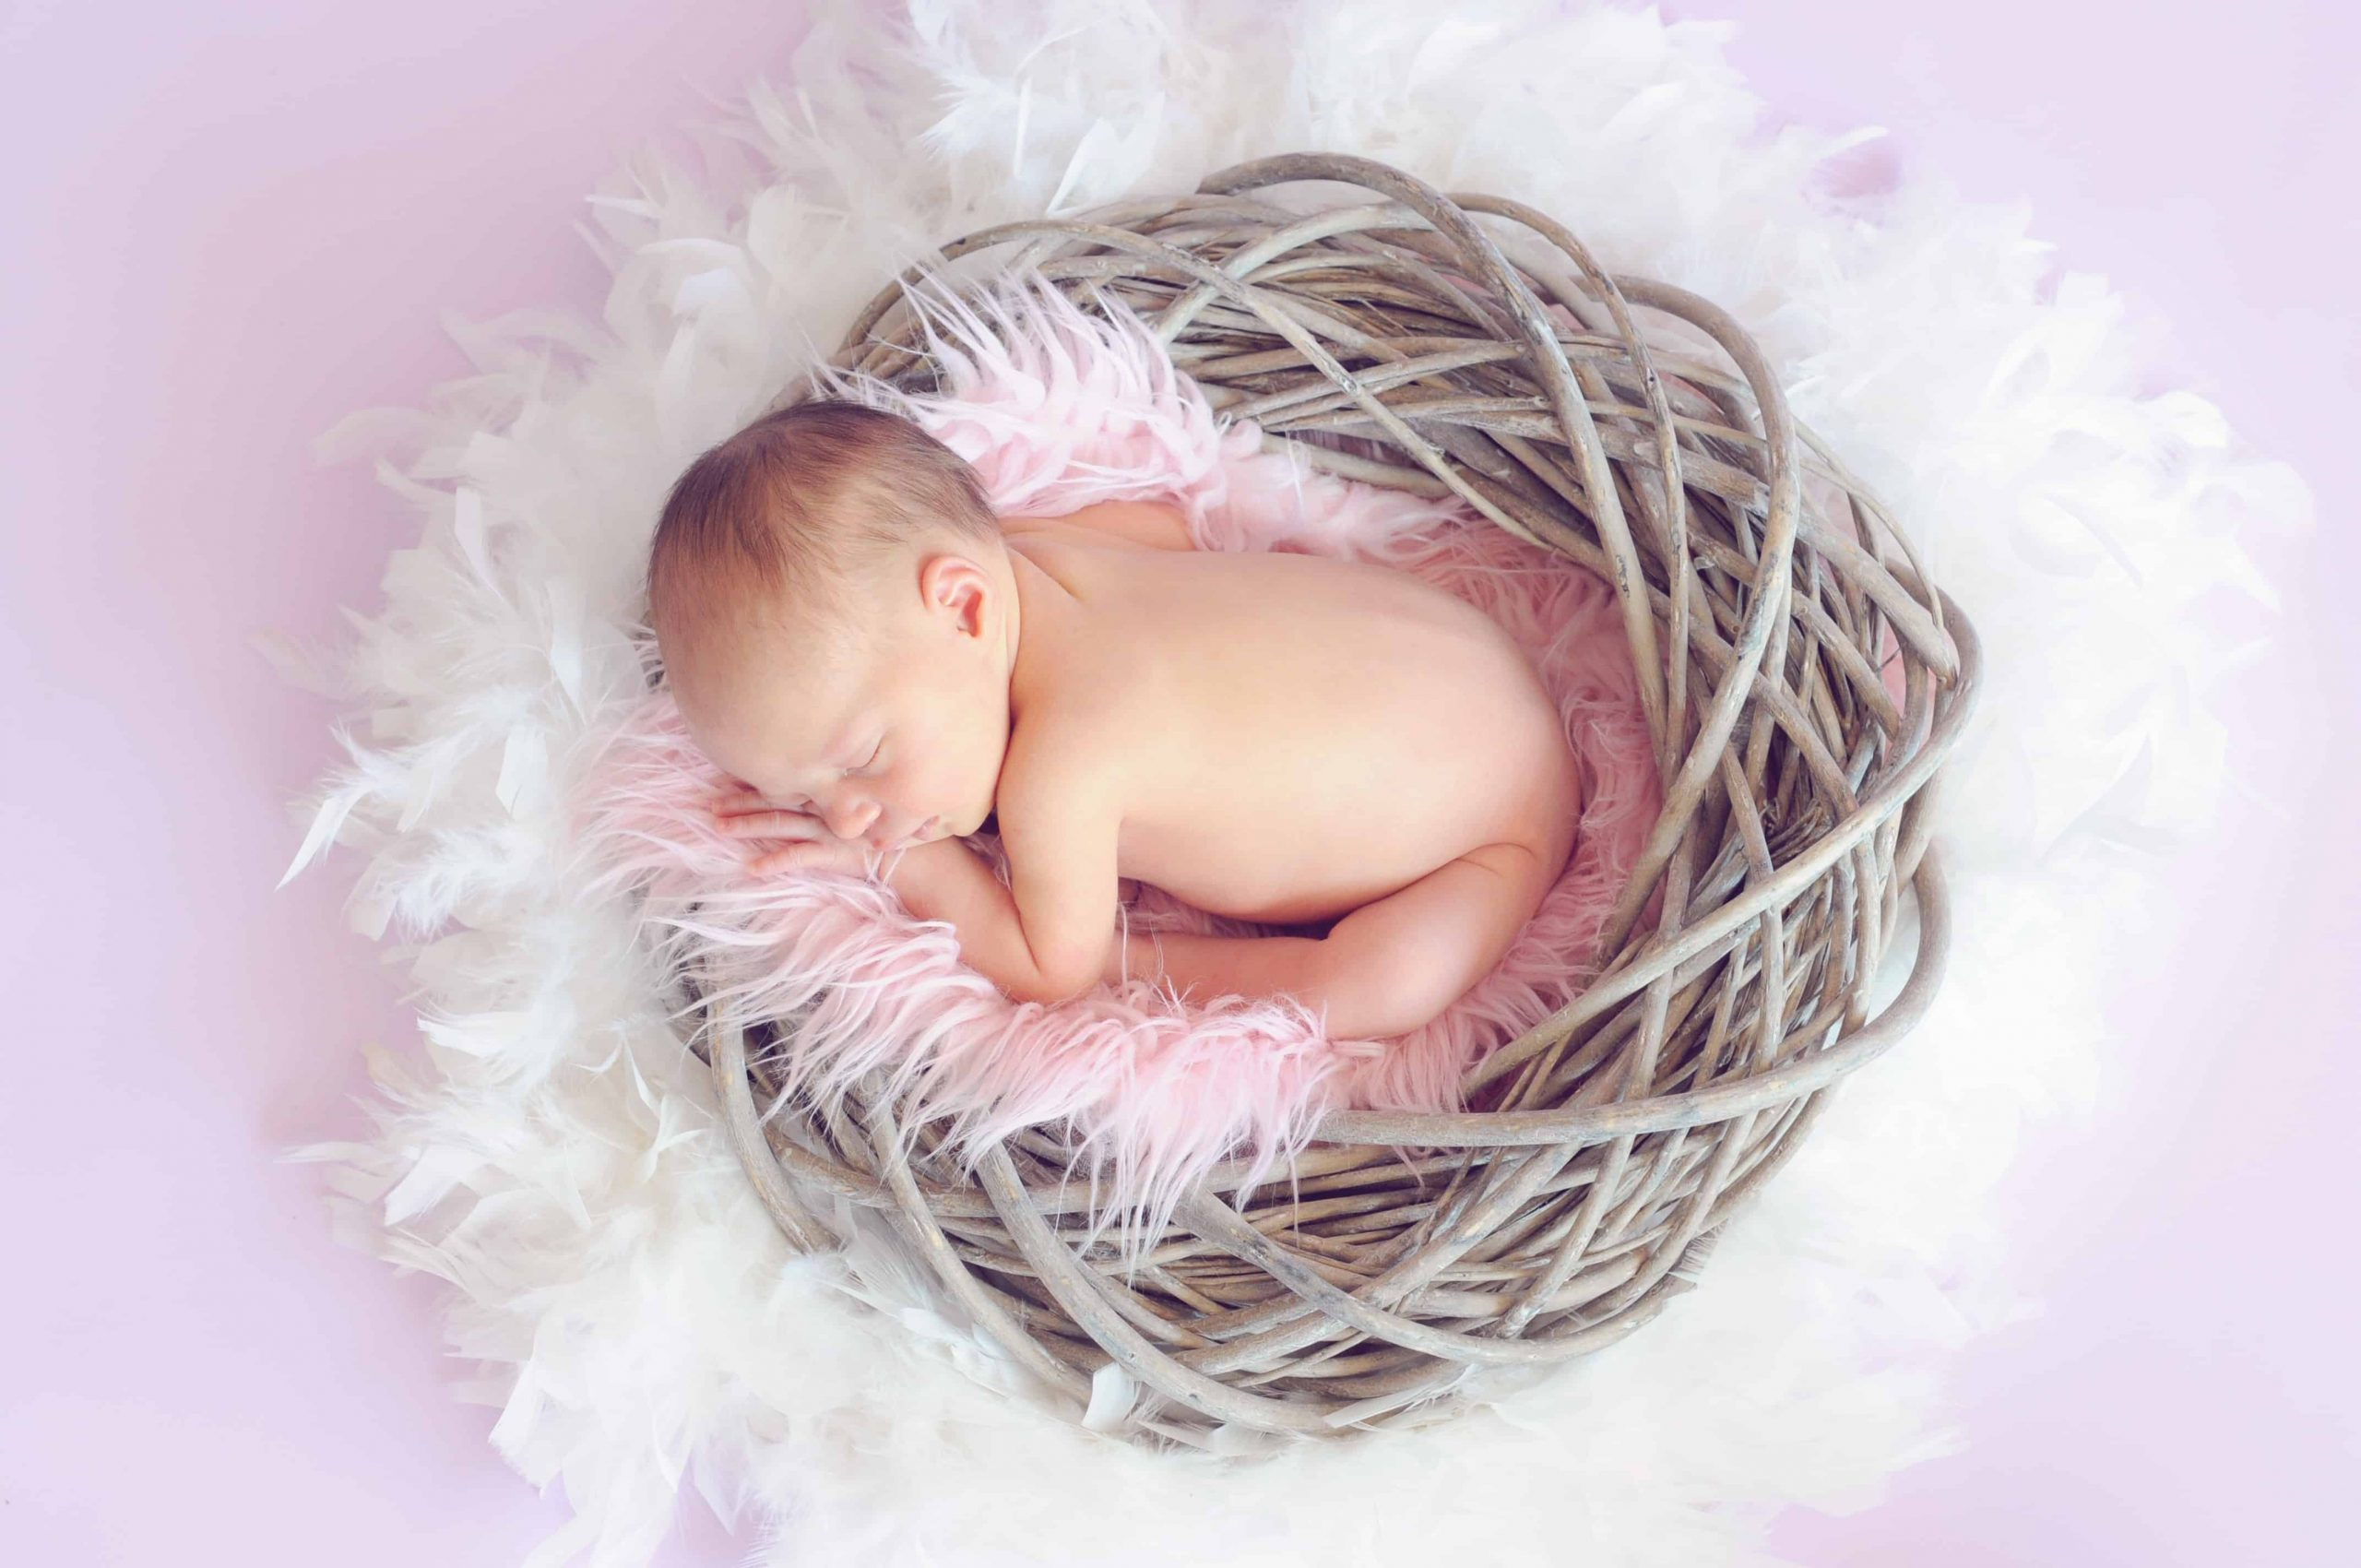 Na foto um bebê recém-nascido dentro de um ninho.